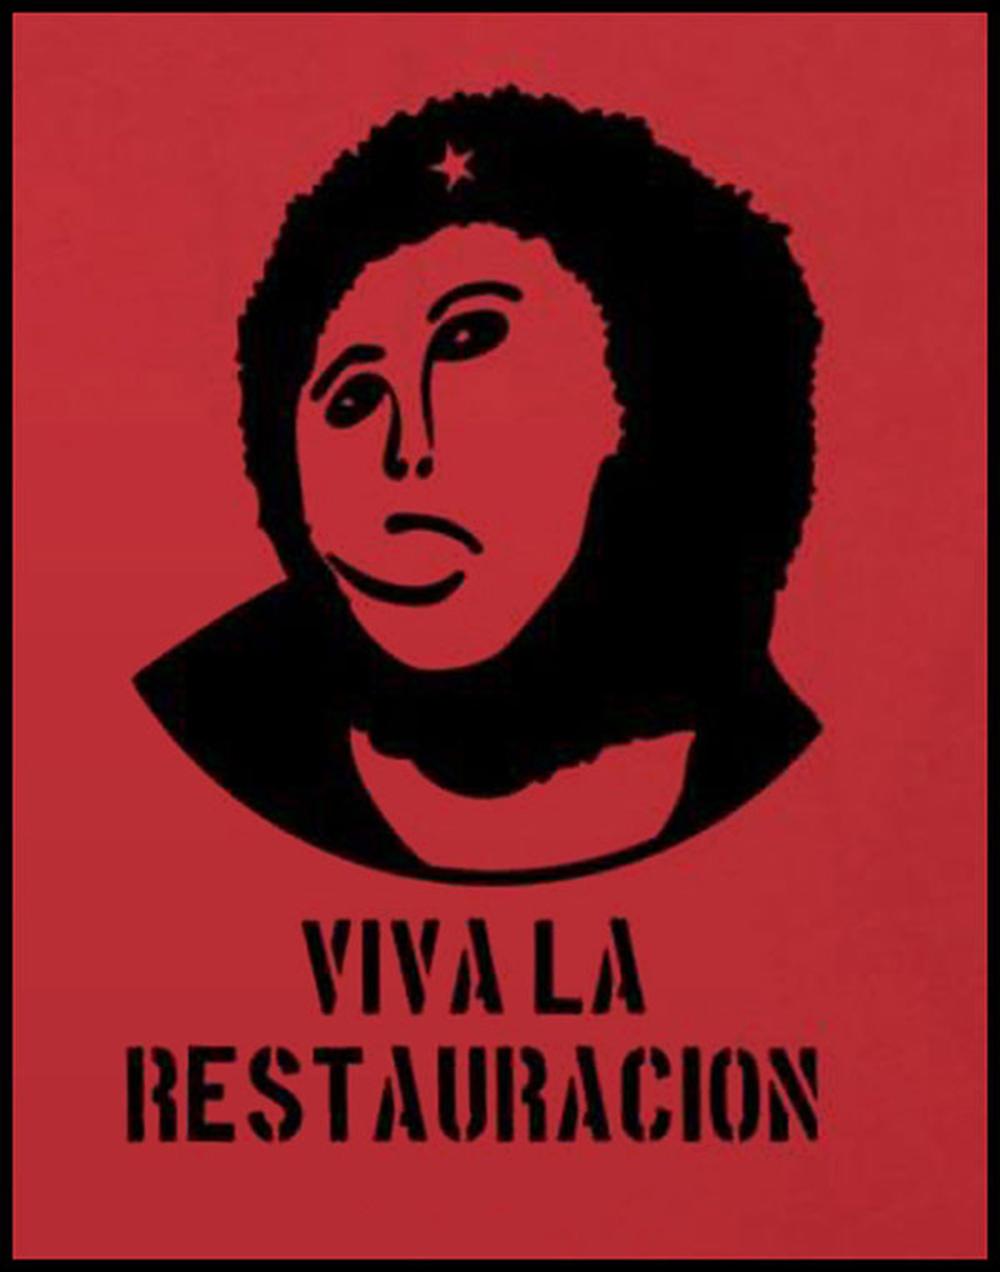 스페인 화가 엘리아스 가르시아 마르티네즈(Elias Garcia Martinez)의  (1930)가 엉터리로 복원된 것을 조롱하는 밈(meme).